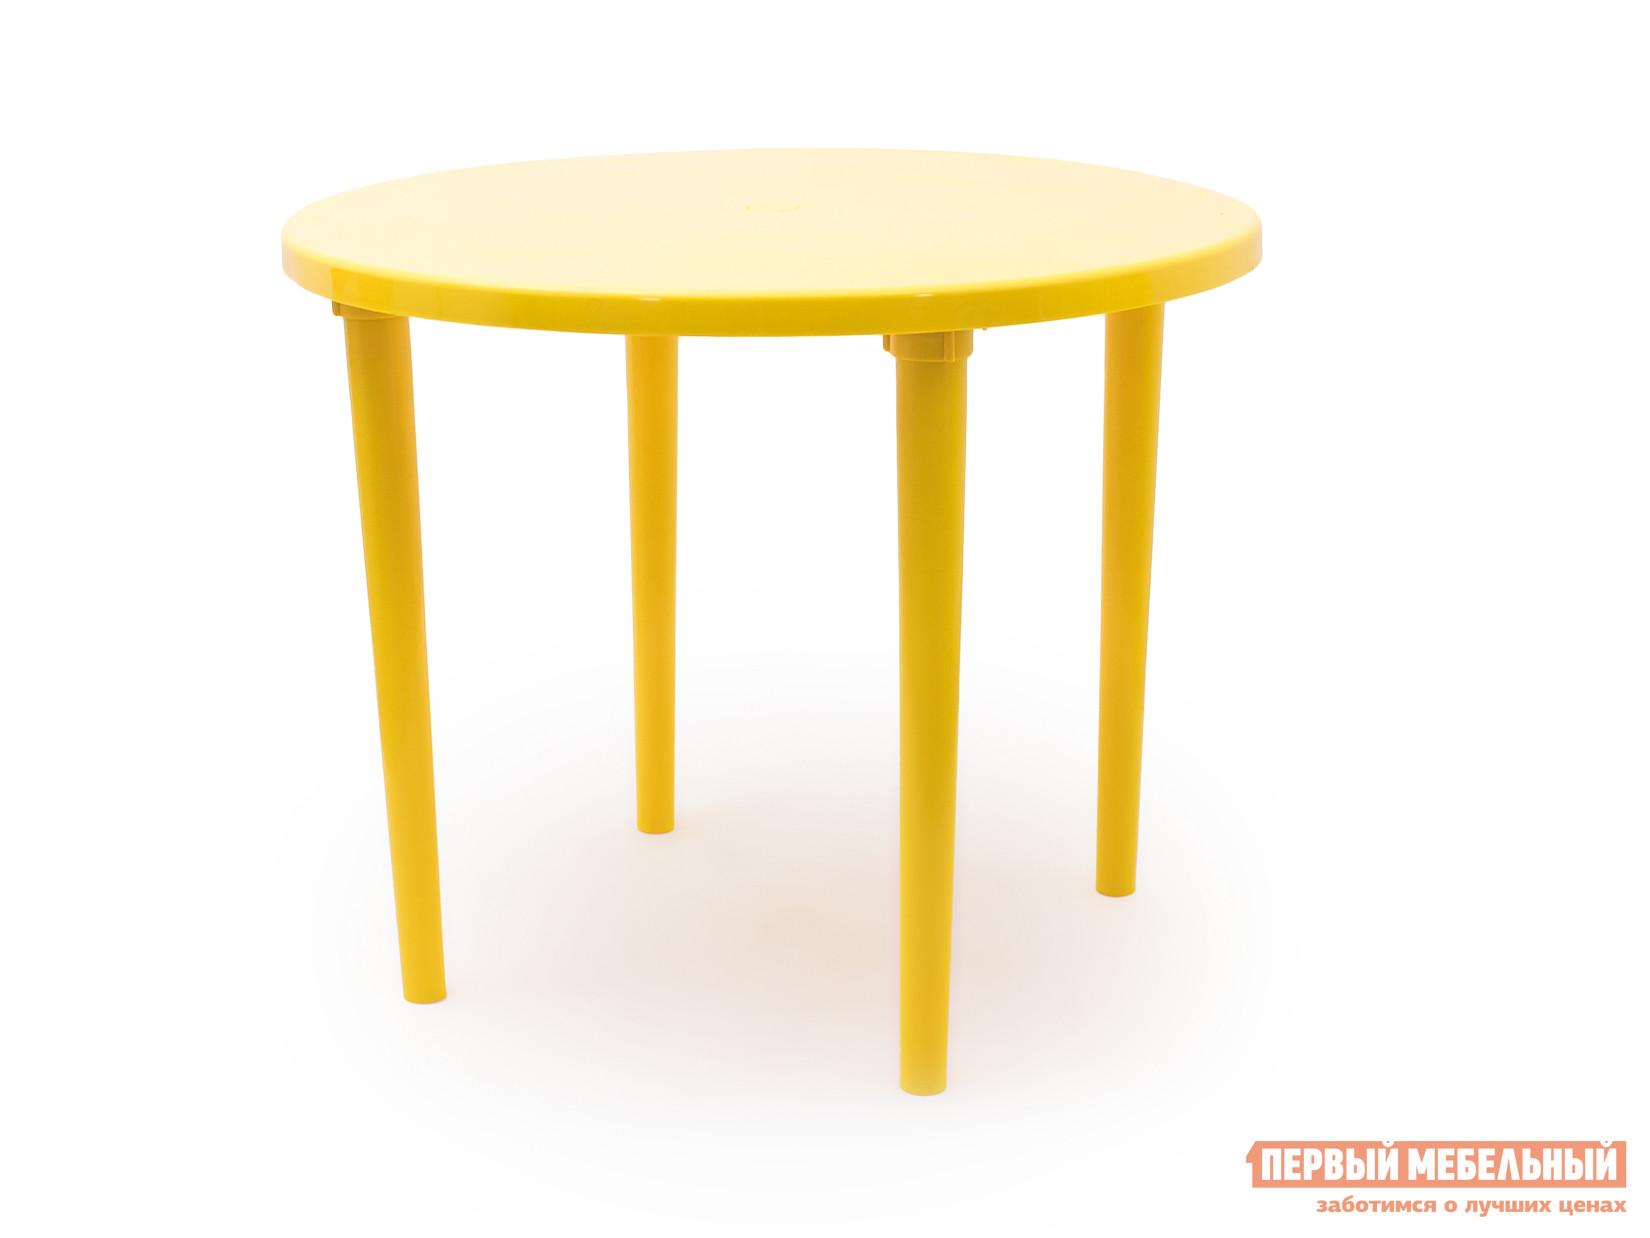 Пластиковый стол Стандарт Пластик Стол круглый, д. 900 мм Желтый